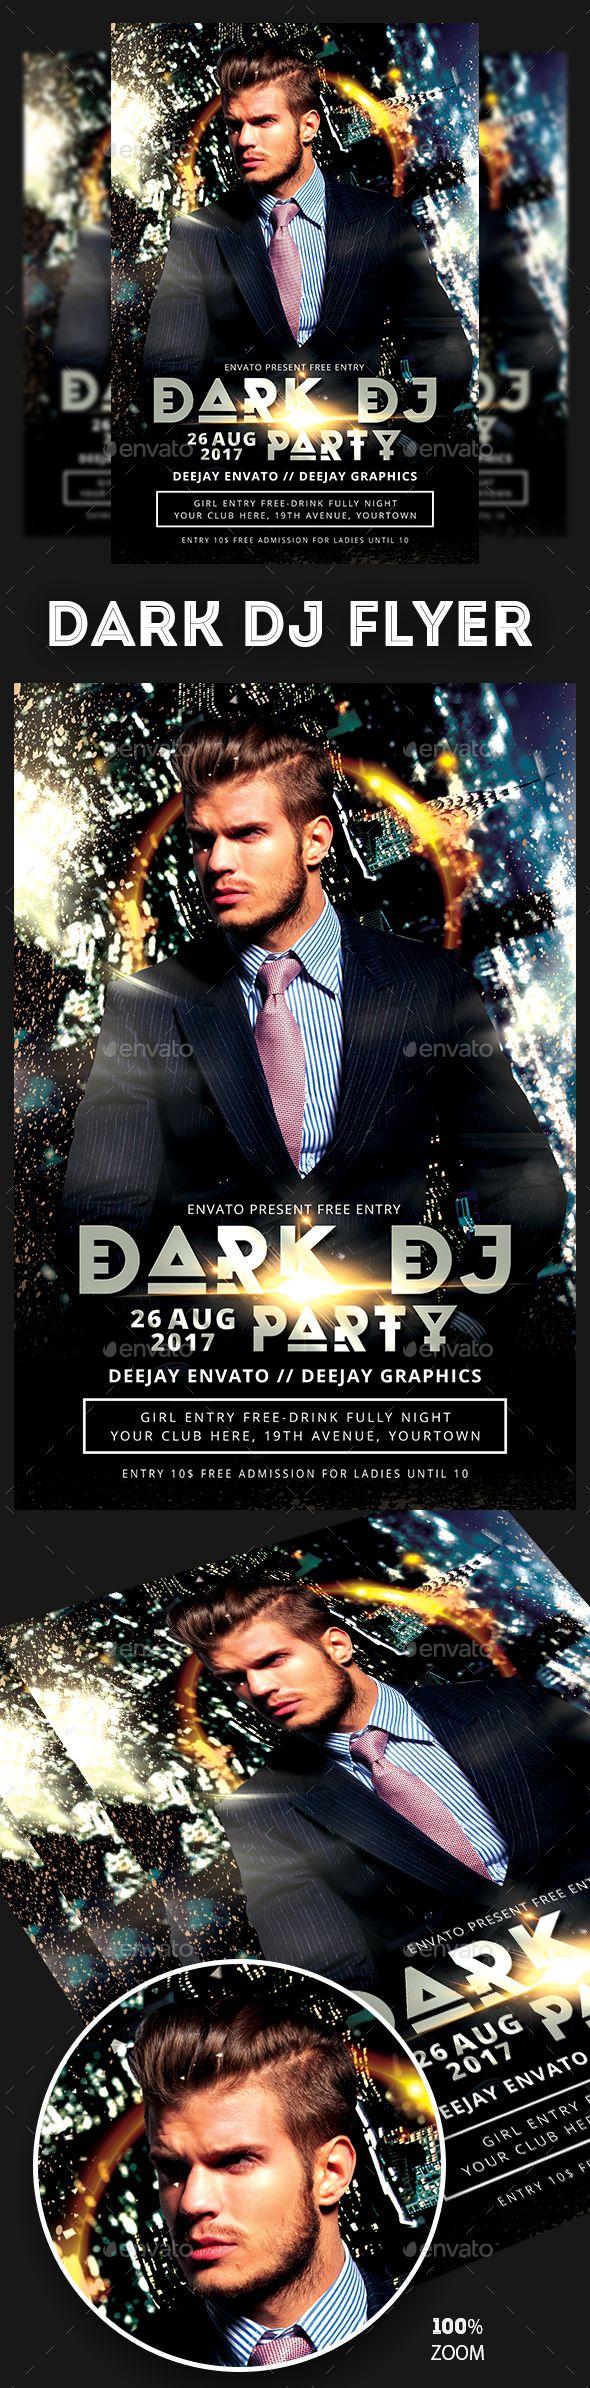 DJ Flyer   Pinterest   Dj, Flyer template and Template